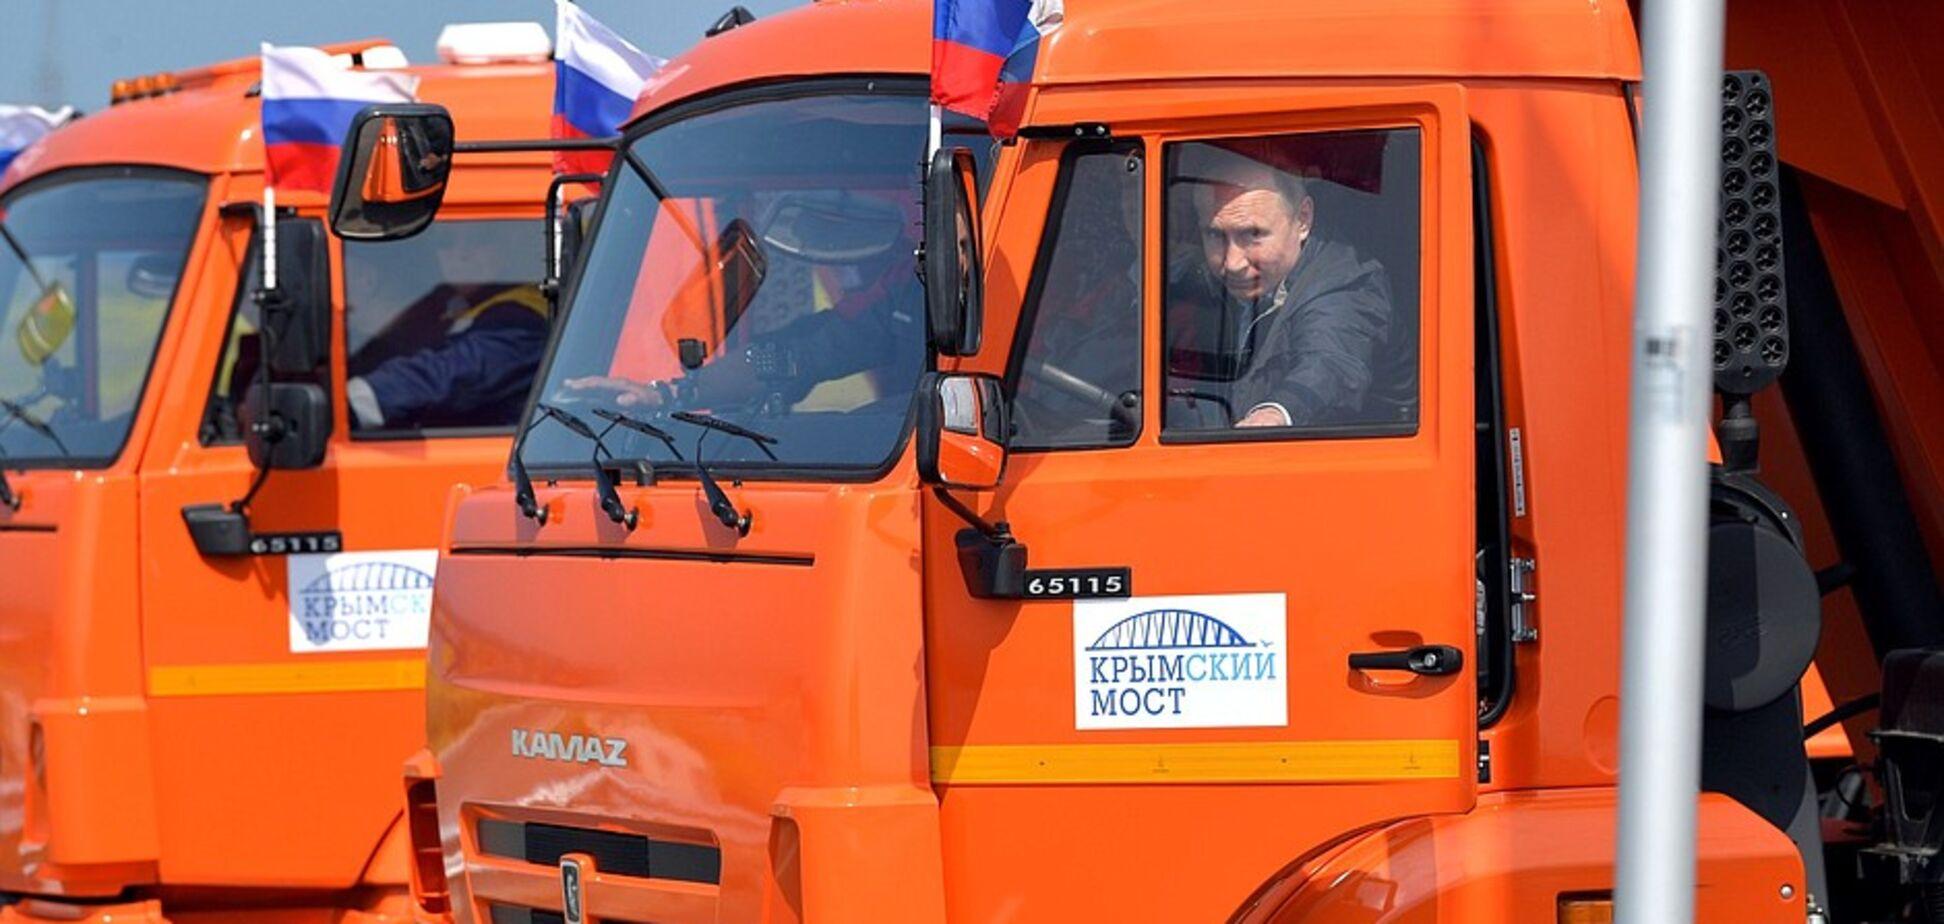 Кримський міст і ляпас Путіну: Боровий пояснив значення